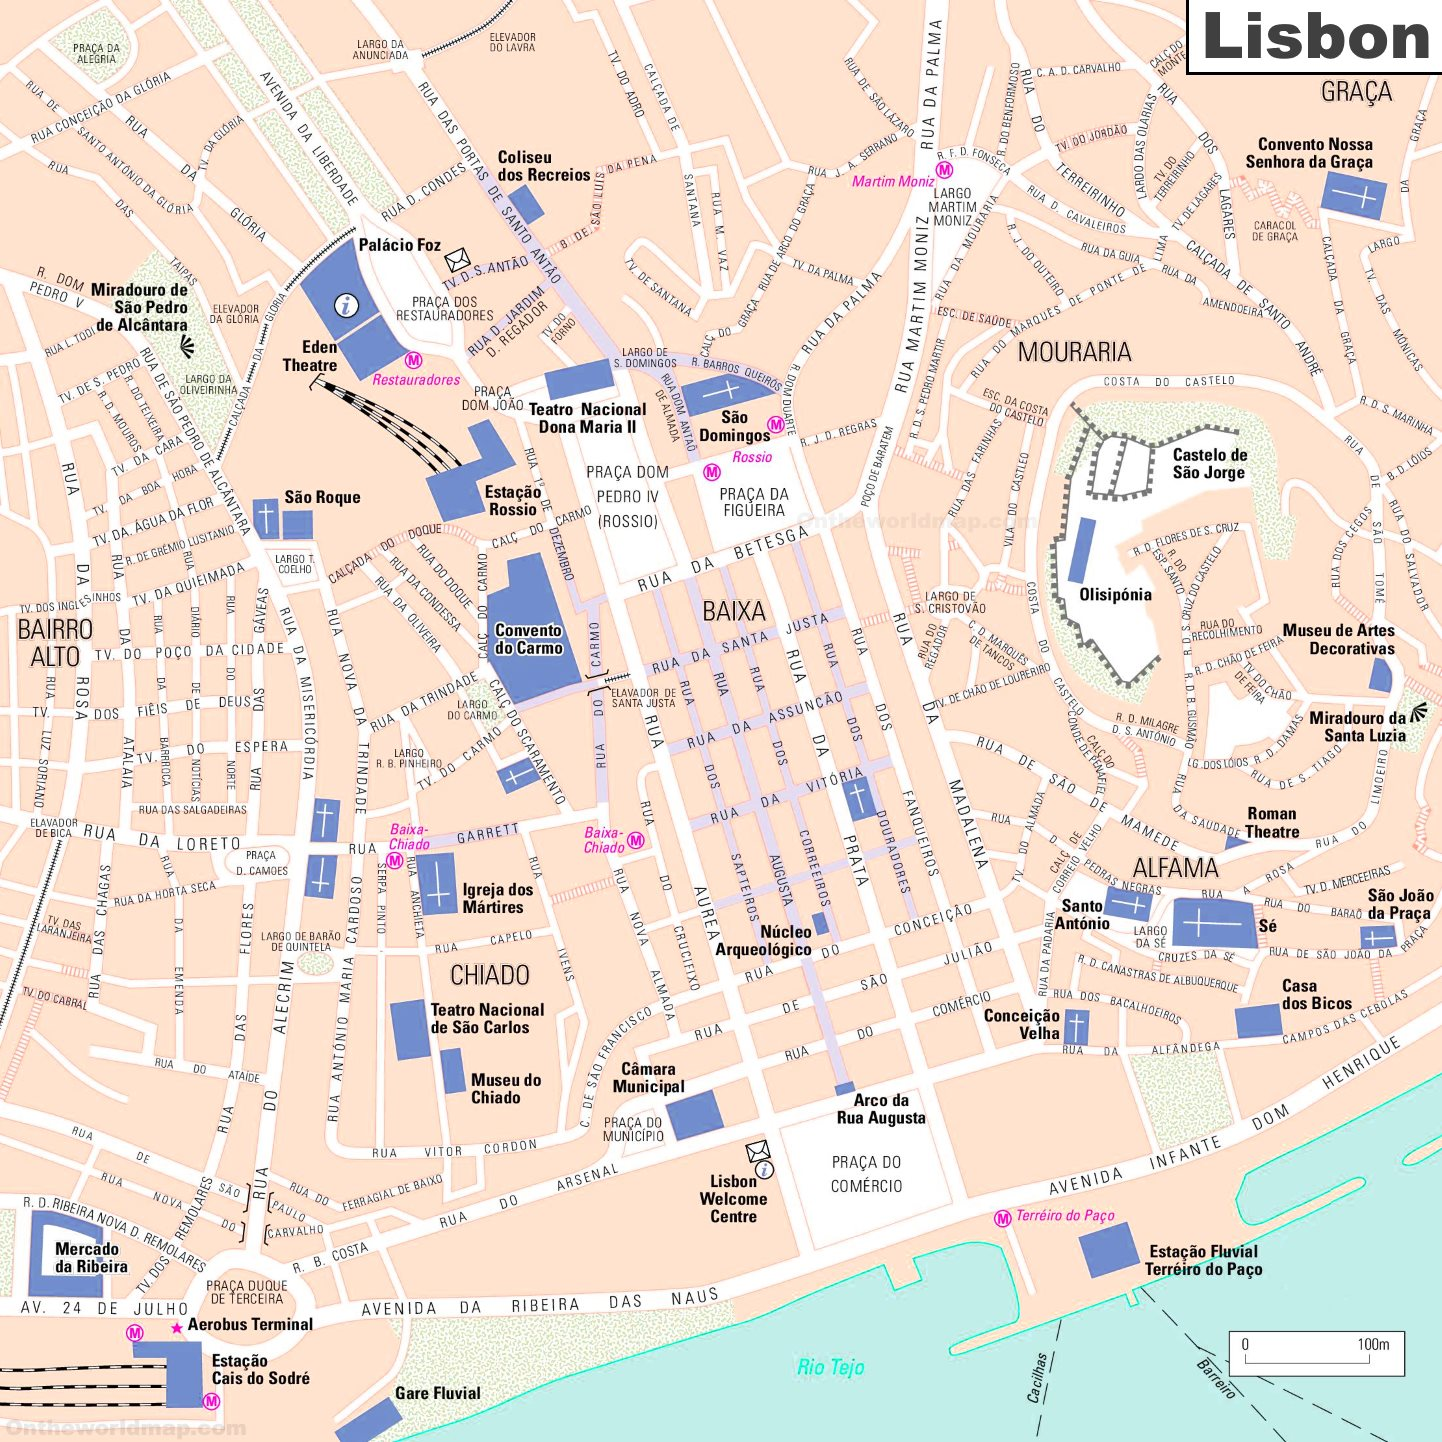 tourist map of lisbon city centre